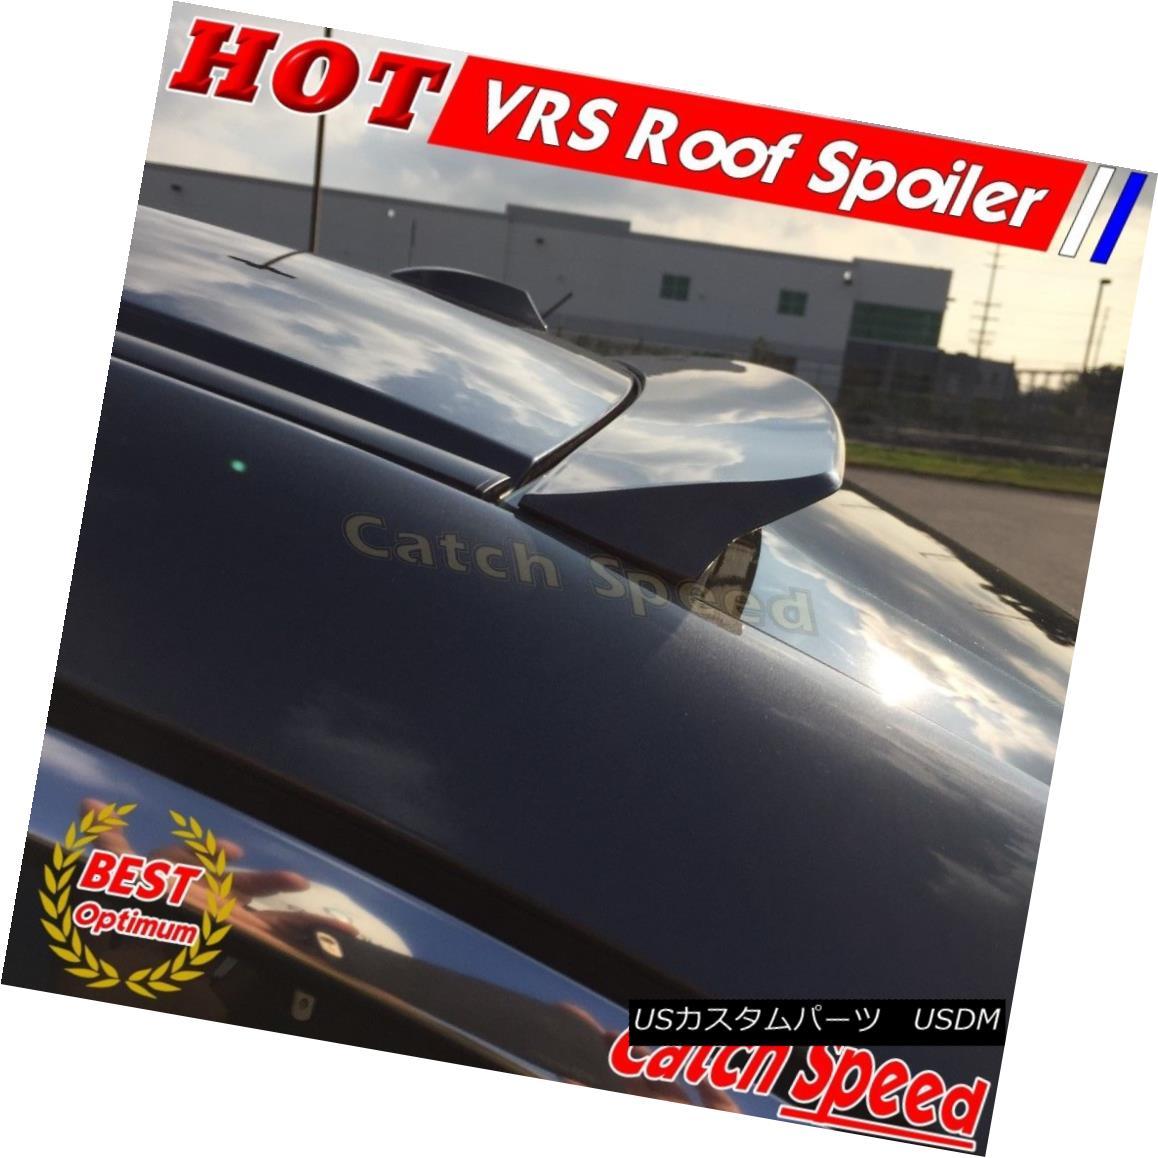 エアロパーツ Painted VRS Type Rear Window Roof Spoiler For Chrysler Sebring JS 2007-10 Sedan ペイントされたVRSタイプクライスラーセブリングJS 2007-10セダンのためのリアウィンドウルーフスポイラー